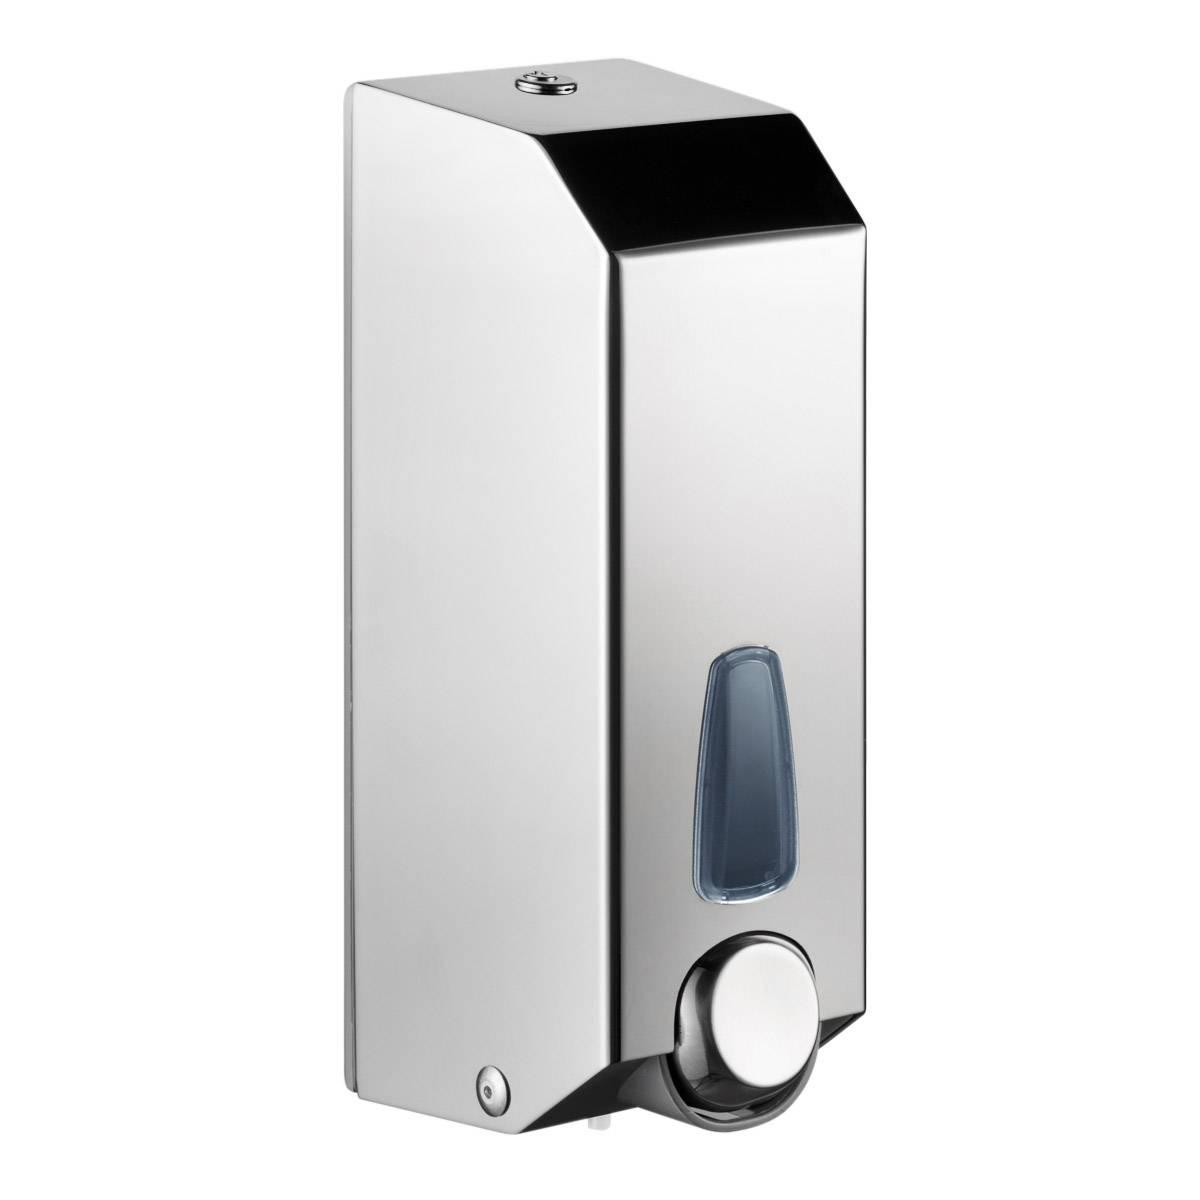 Дозатор жидкого мыла Mar Plast (845 INOX) A84500AP Mar Plast